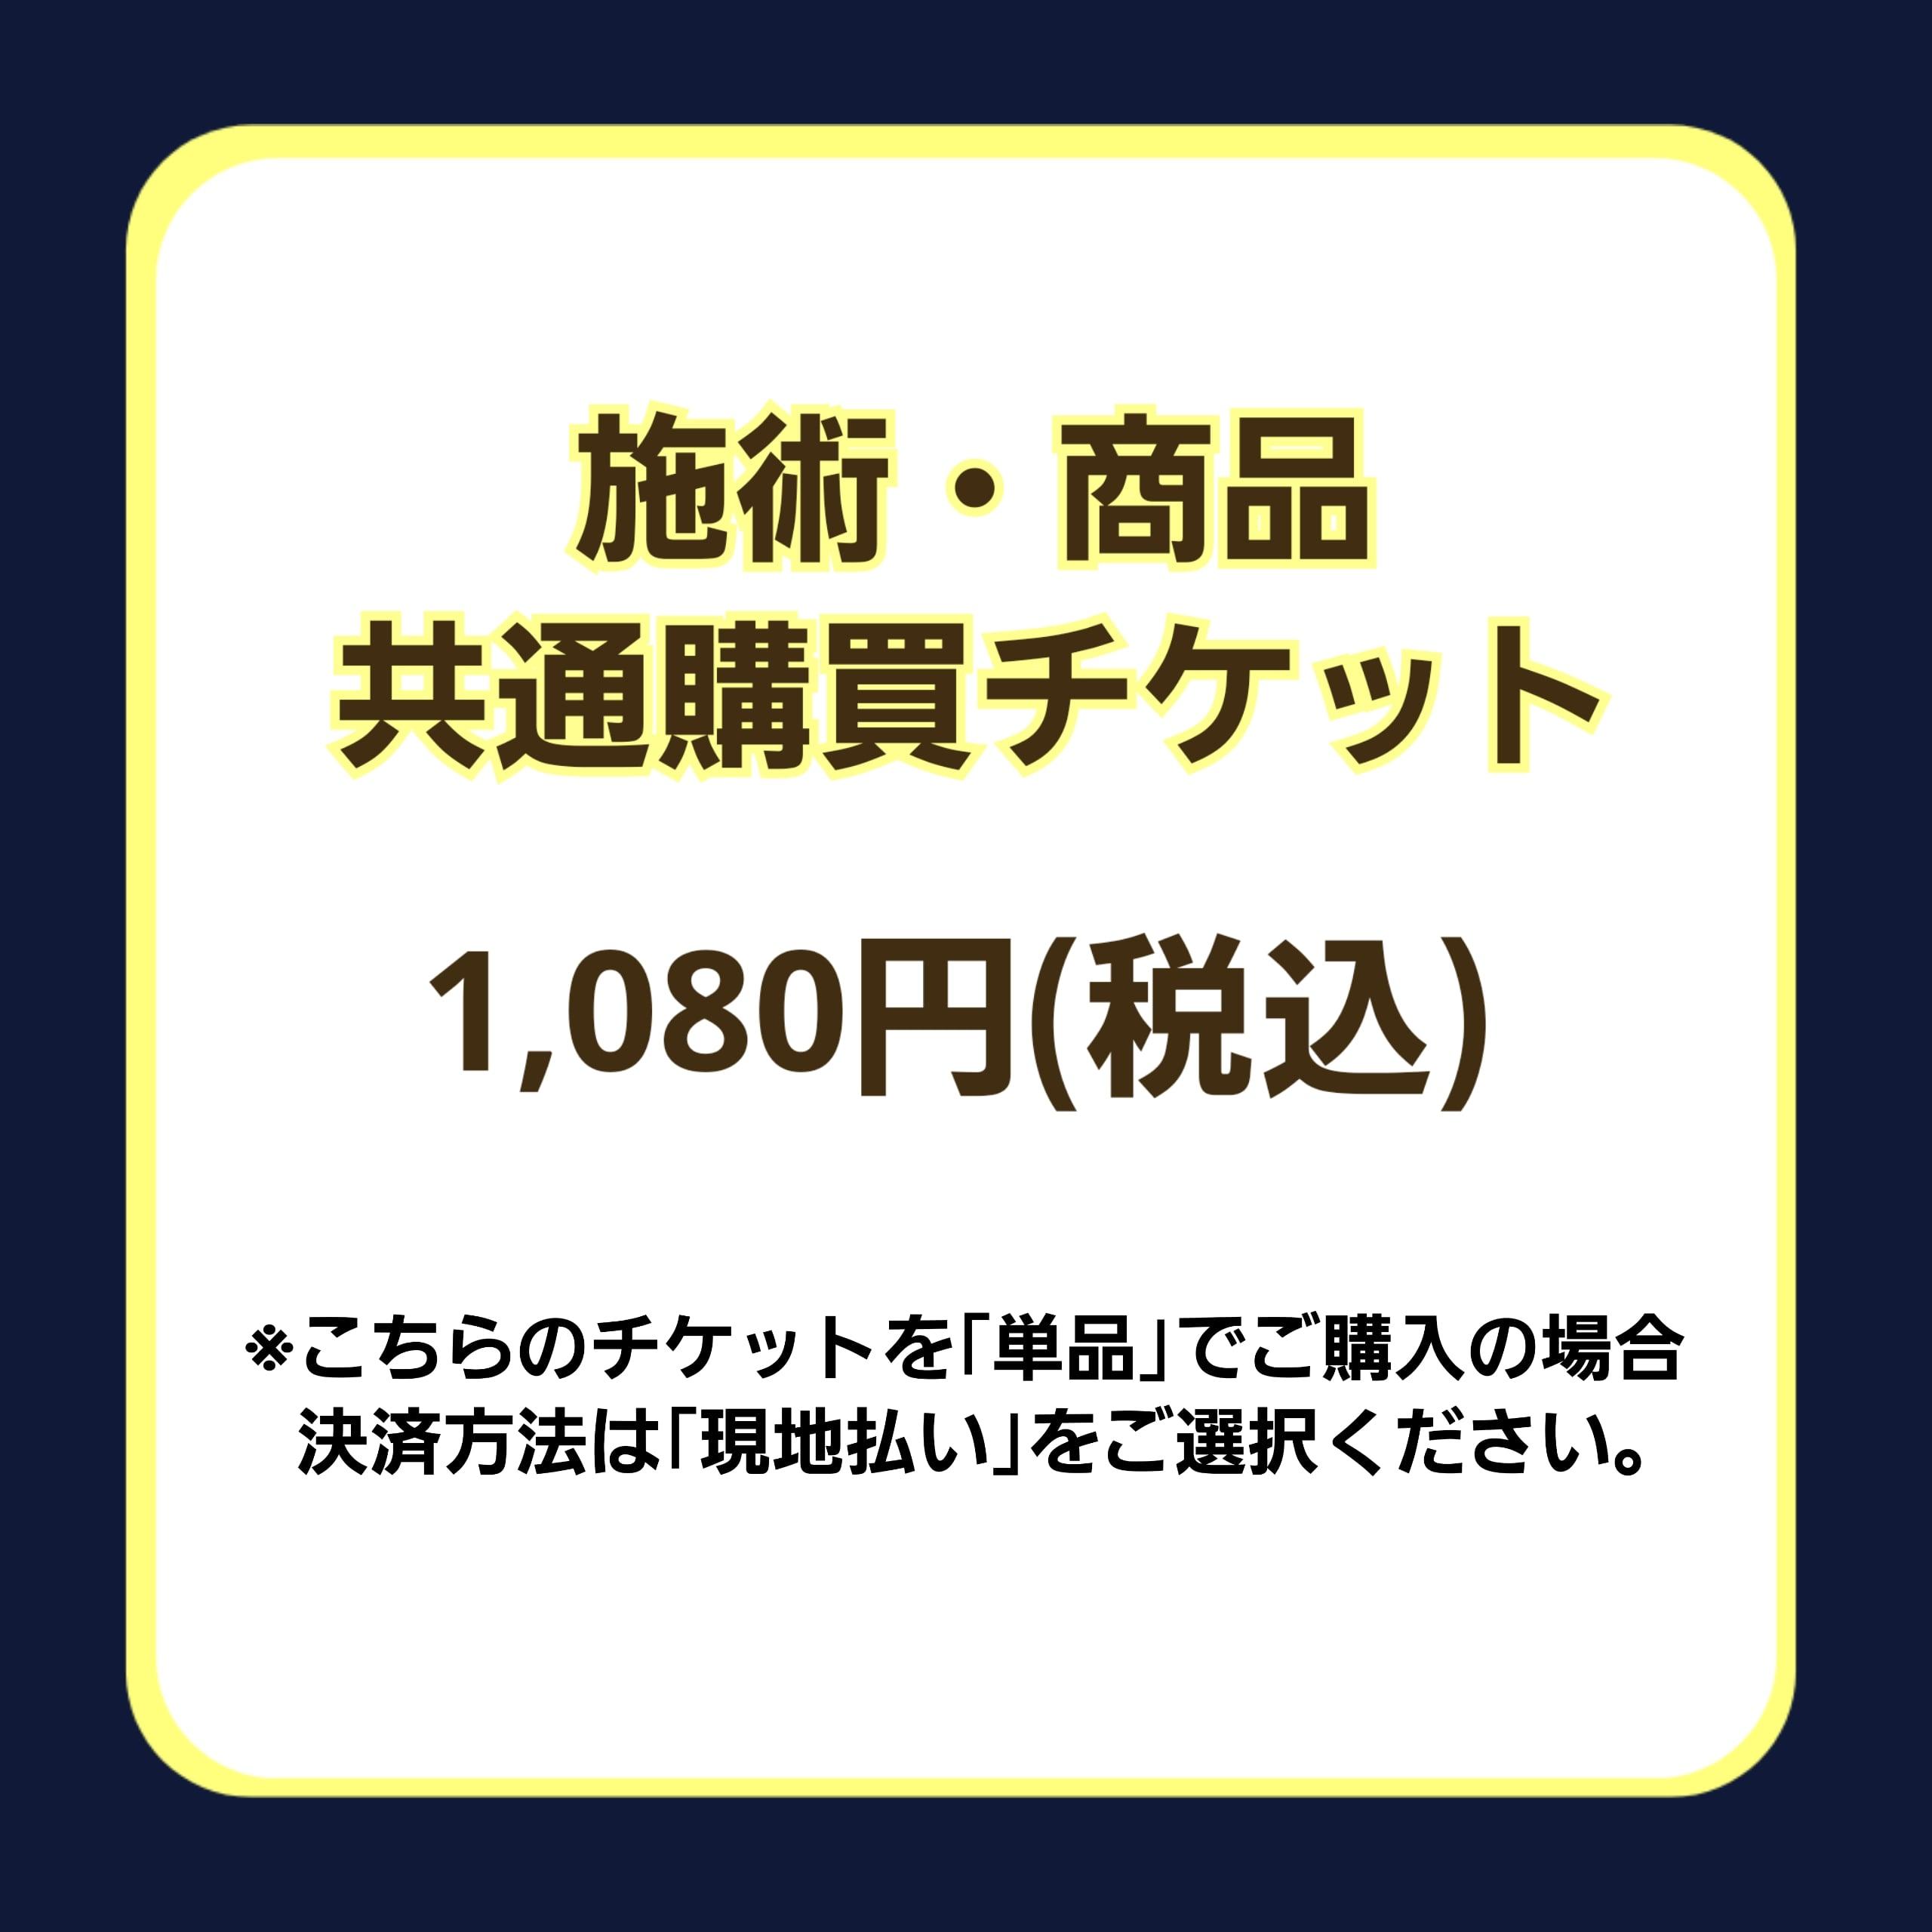 施術・商品共通購買チケット/1,080円(税込)※単品購入の場合は現地払い選択をお願いいたしますのイメージその1